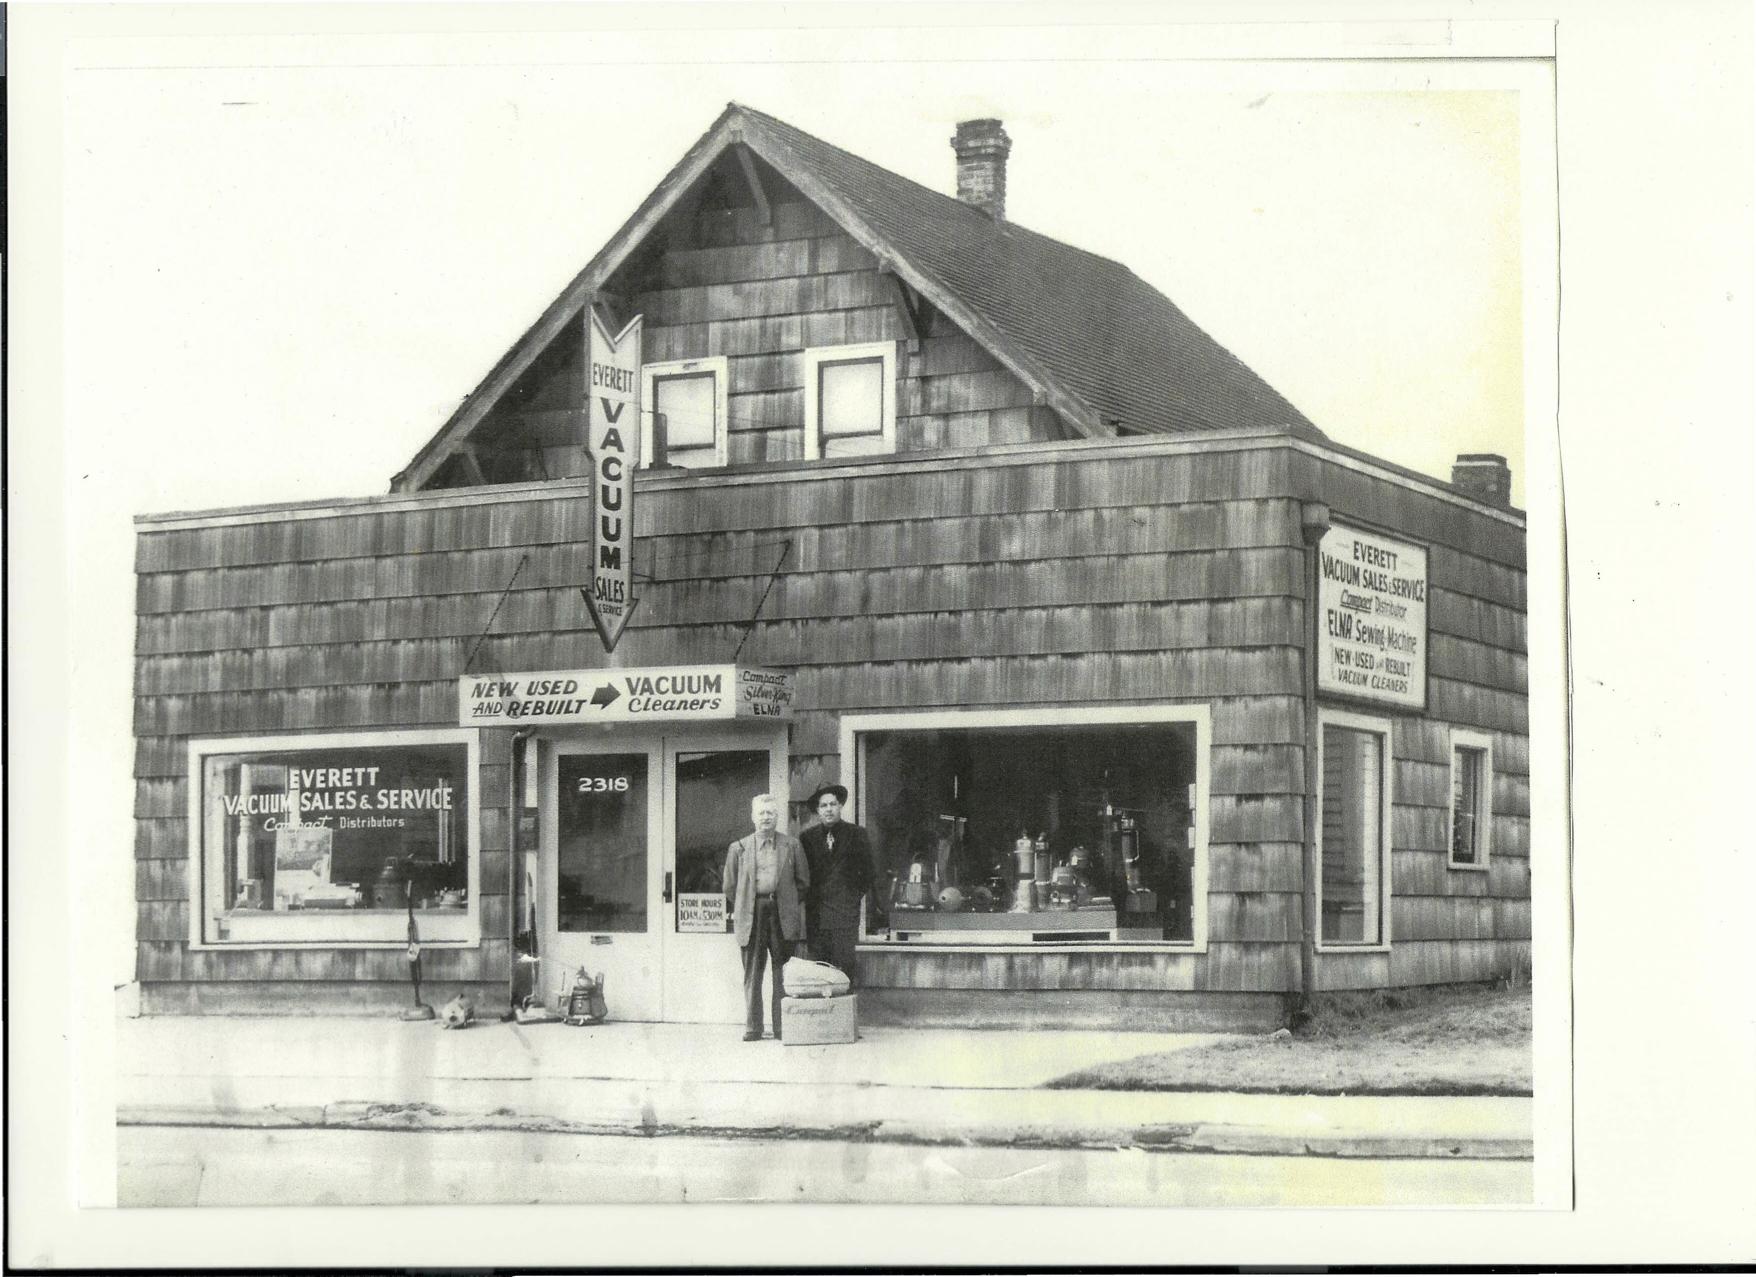 Everett Vacuum Store in 1944